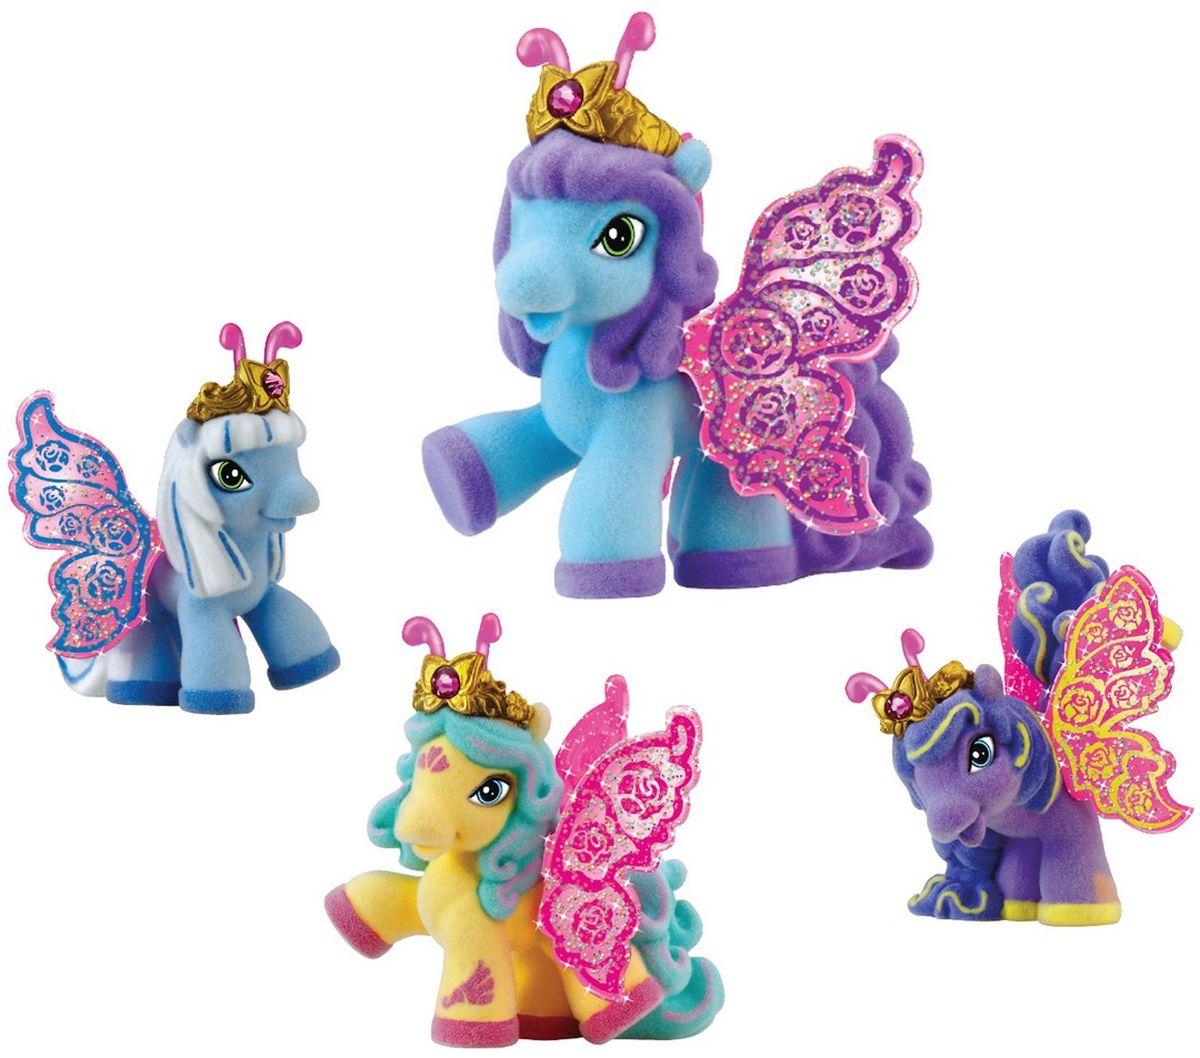 Купить Filly Dracco Набор игровой Волшебная семья Тоби Лошадки-бабочки с блестящими крыльями, Drассо Macau (MCO) Ltd, Фигурки